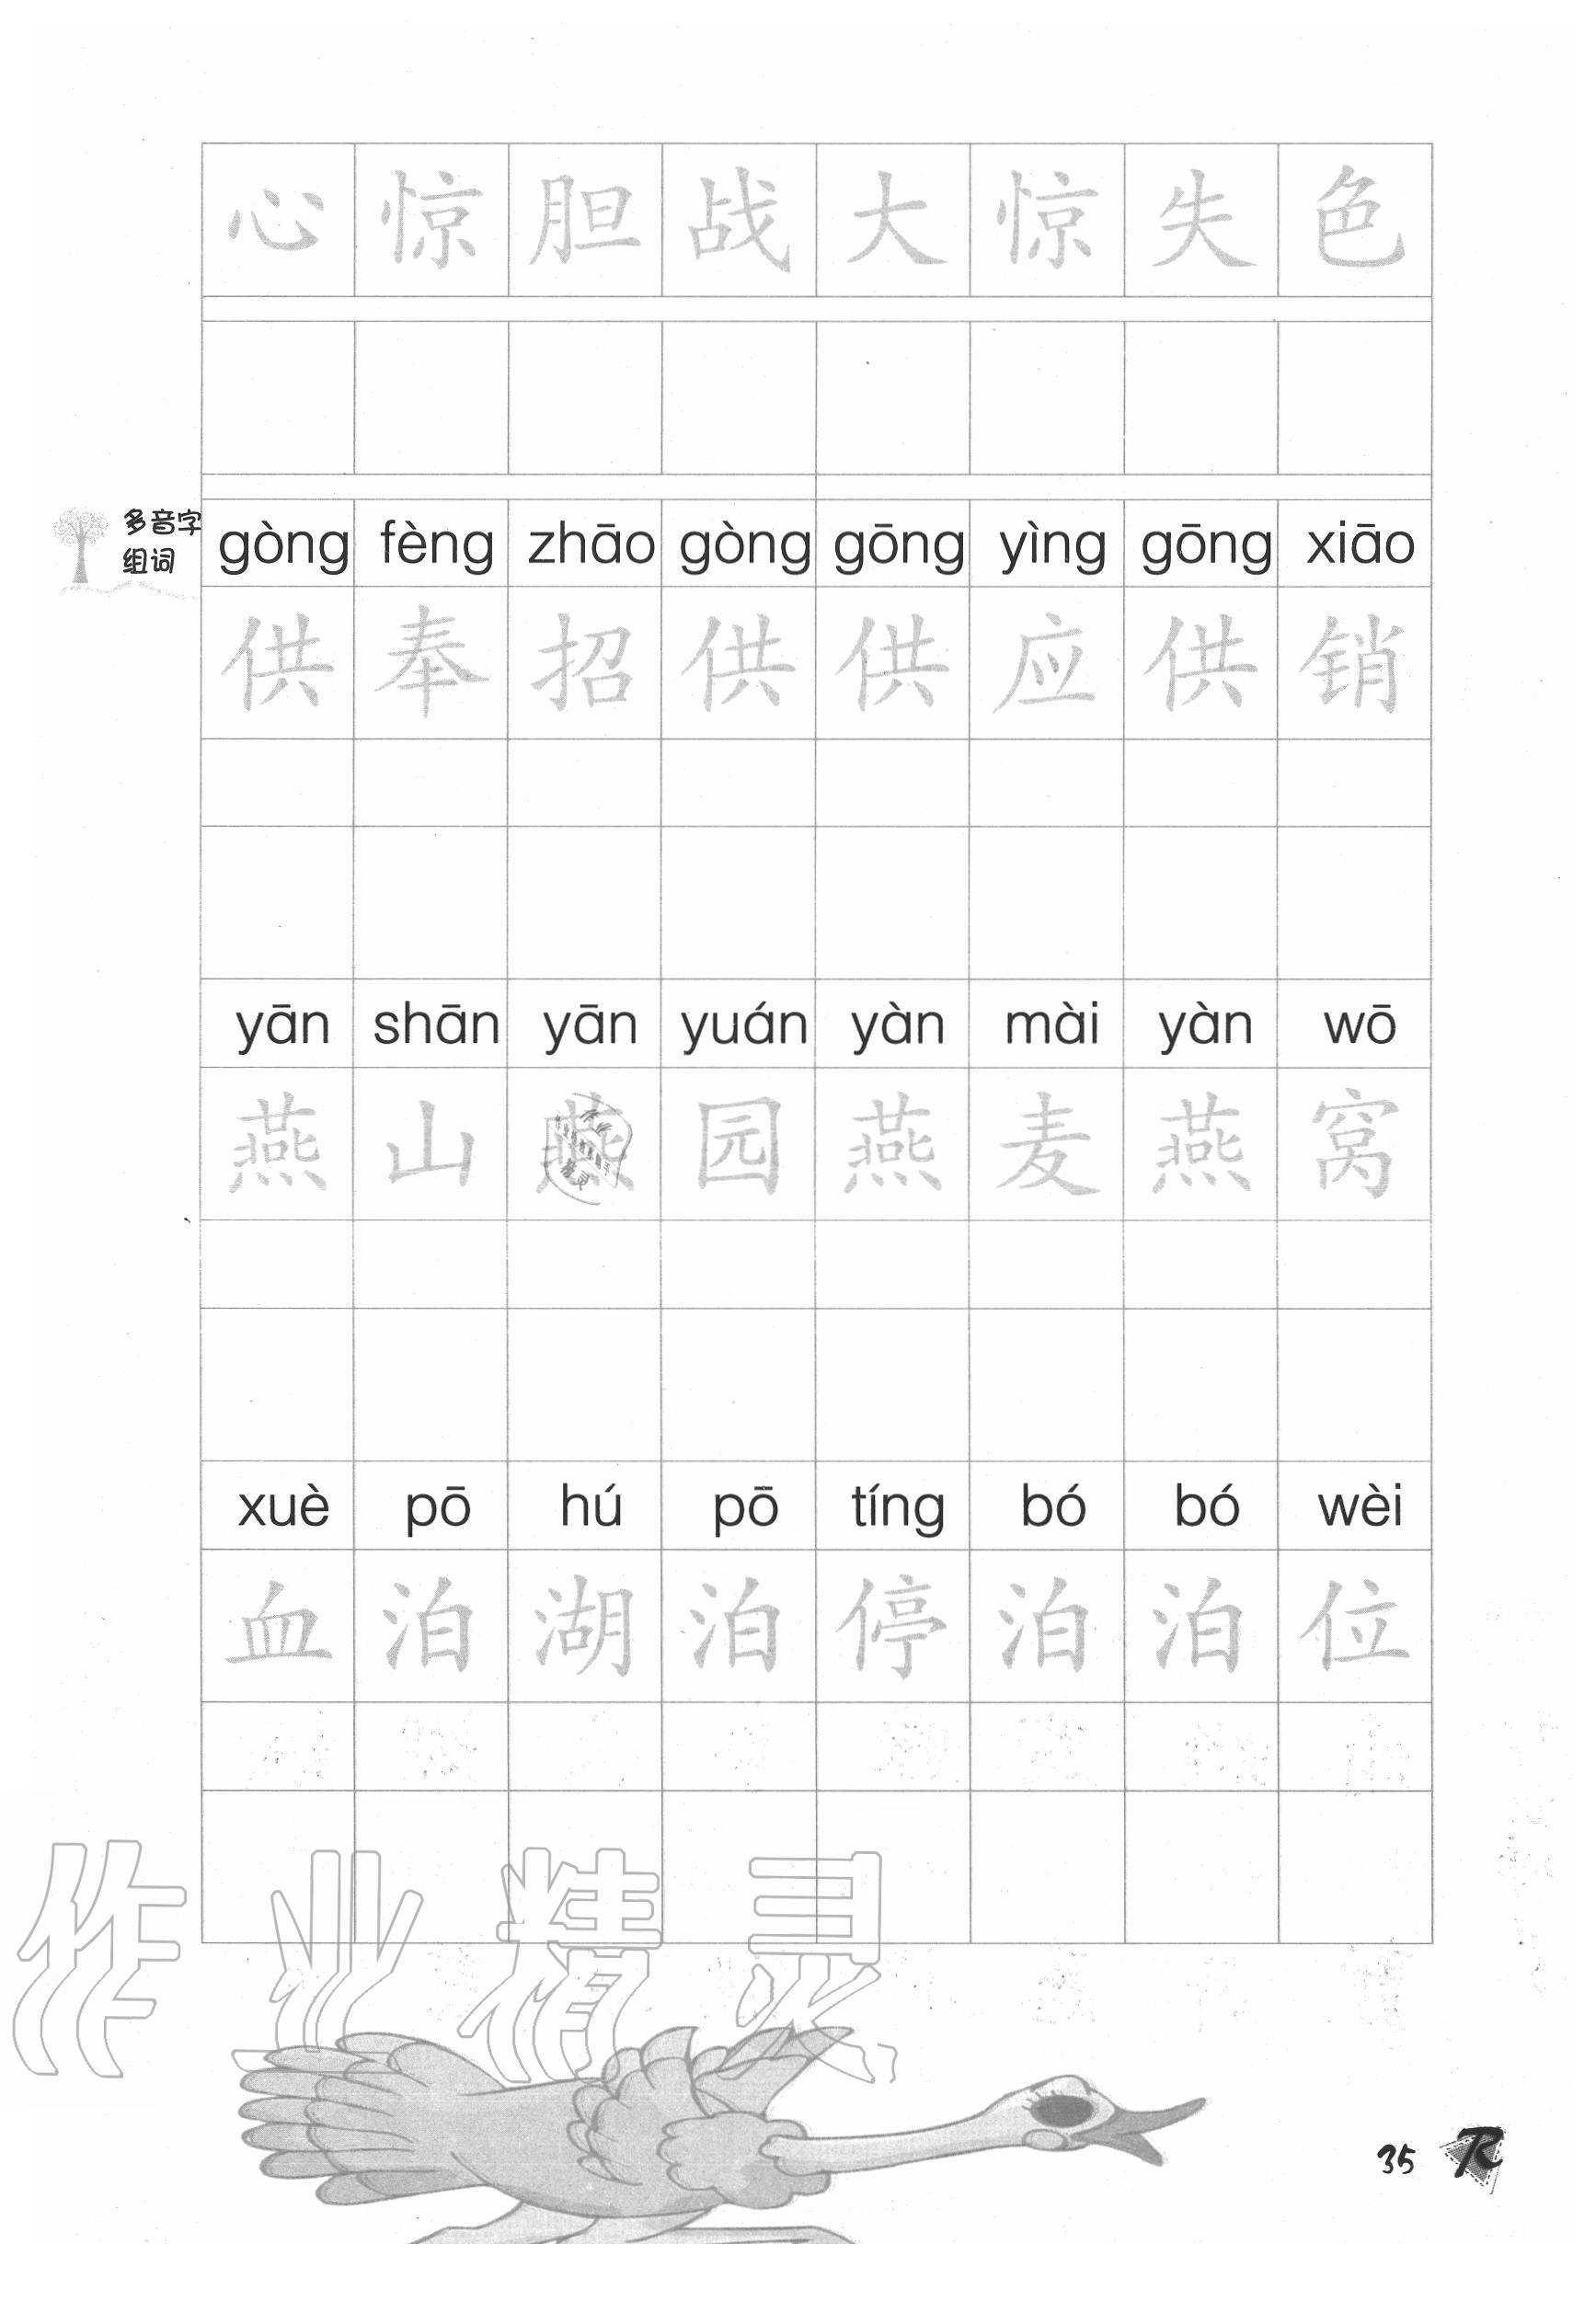 2020年语文生字抄写本五年级下册人教版第1页